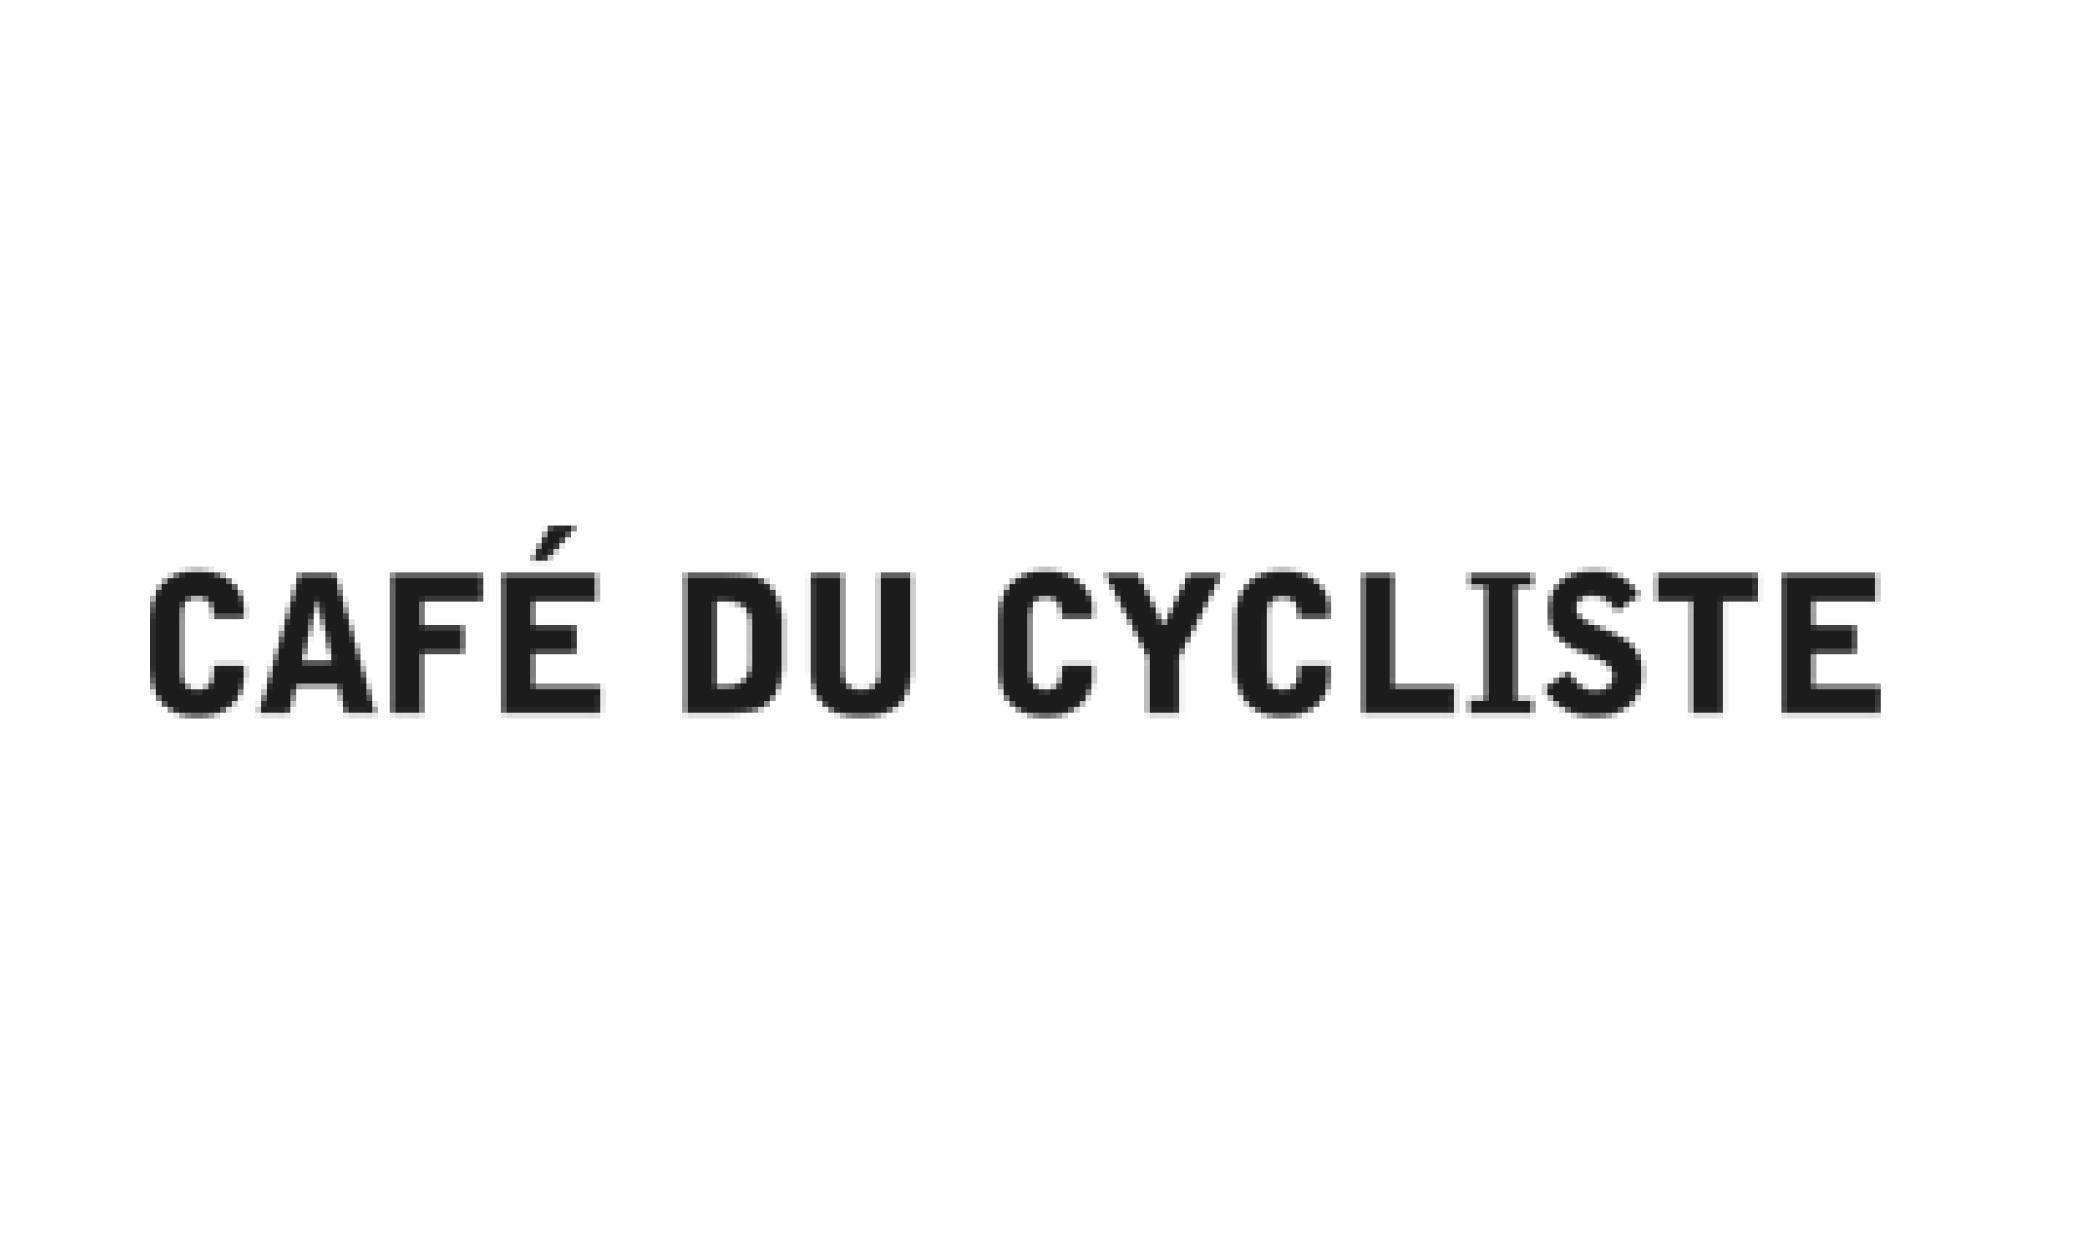 cafe-du-cycliste-logo